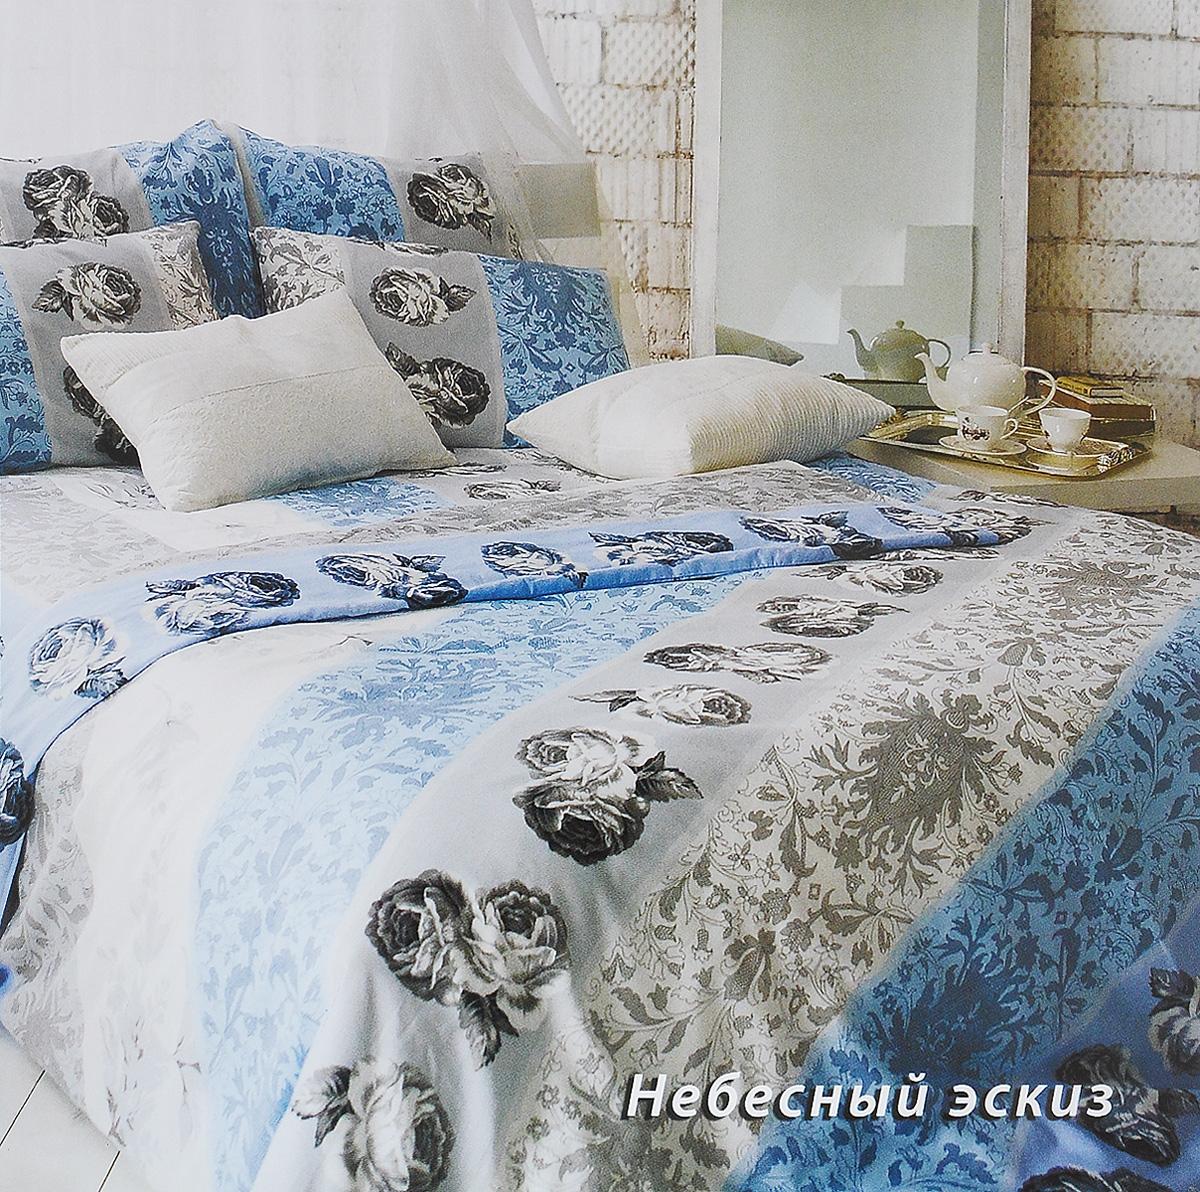 Комплект белья Tiffanys Secret Небесный эскиз, 1,5-спальный, наволочки 70х70, цвет: голубой, белый, серыйCA-3505Комплект постельного белья Tiffanys Secret Небесный эскиз является экологически безопасным для всей семьи, так как выполнен из сатина (100% хлопок). Комплект состоит из пододеяльника, простыни и двух наволочек. Предметы комплекта оформлены оригинальным рисунком.Благодаря такому комплекту постельного белья вы сможете создать атмосферу уюта и комфорта в вашей спальне.Сатин - это ткань, навсегда покорившая сердца человечества. Ценившие роскошь персы называли ее атлас, а искушенные в прекрасном французы - сатин. Секрет высококачественного сатина в безупречности всего технологического процесса. Эту благородную ткань делают только из отборной натуральной пряжи, которую получают из самого лучшего тонковолокнистого хлопка. Благодаря использованию самой тонкой хлопковой нити получается необычайно мягкое и нежное полотно. Сатиновое постельное белье превращает жаркие летние ночи в прохладные и освежающие, а холодные зимние - в теплые и согревающие. Сатин очень приятен на ощупь, постельное белье из него долговечно, выдерживает более 300 стирок, и лишь спустя долгое время материал начинает немного тускнеть. Оцените все достоинства постельного белья из сатина, выбирая самое лучшее для себя!